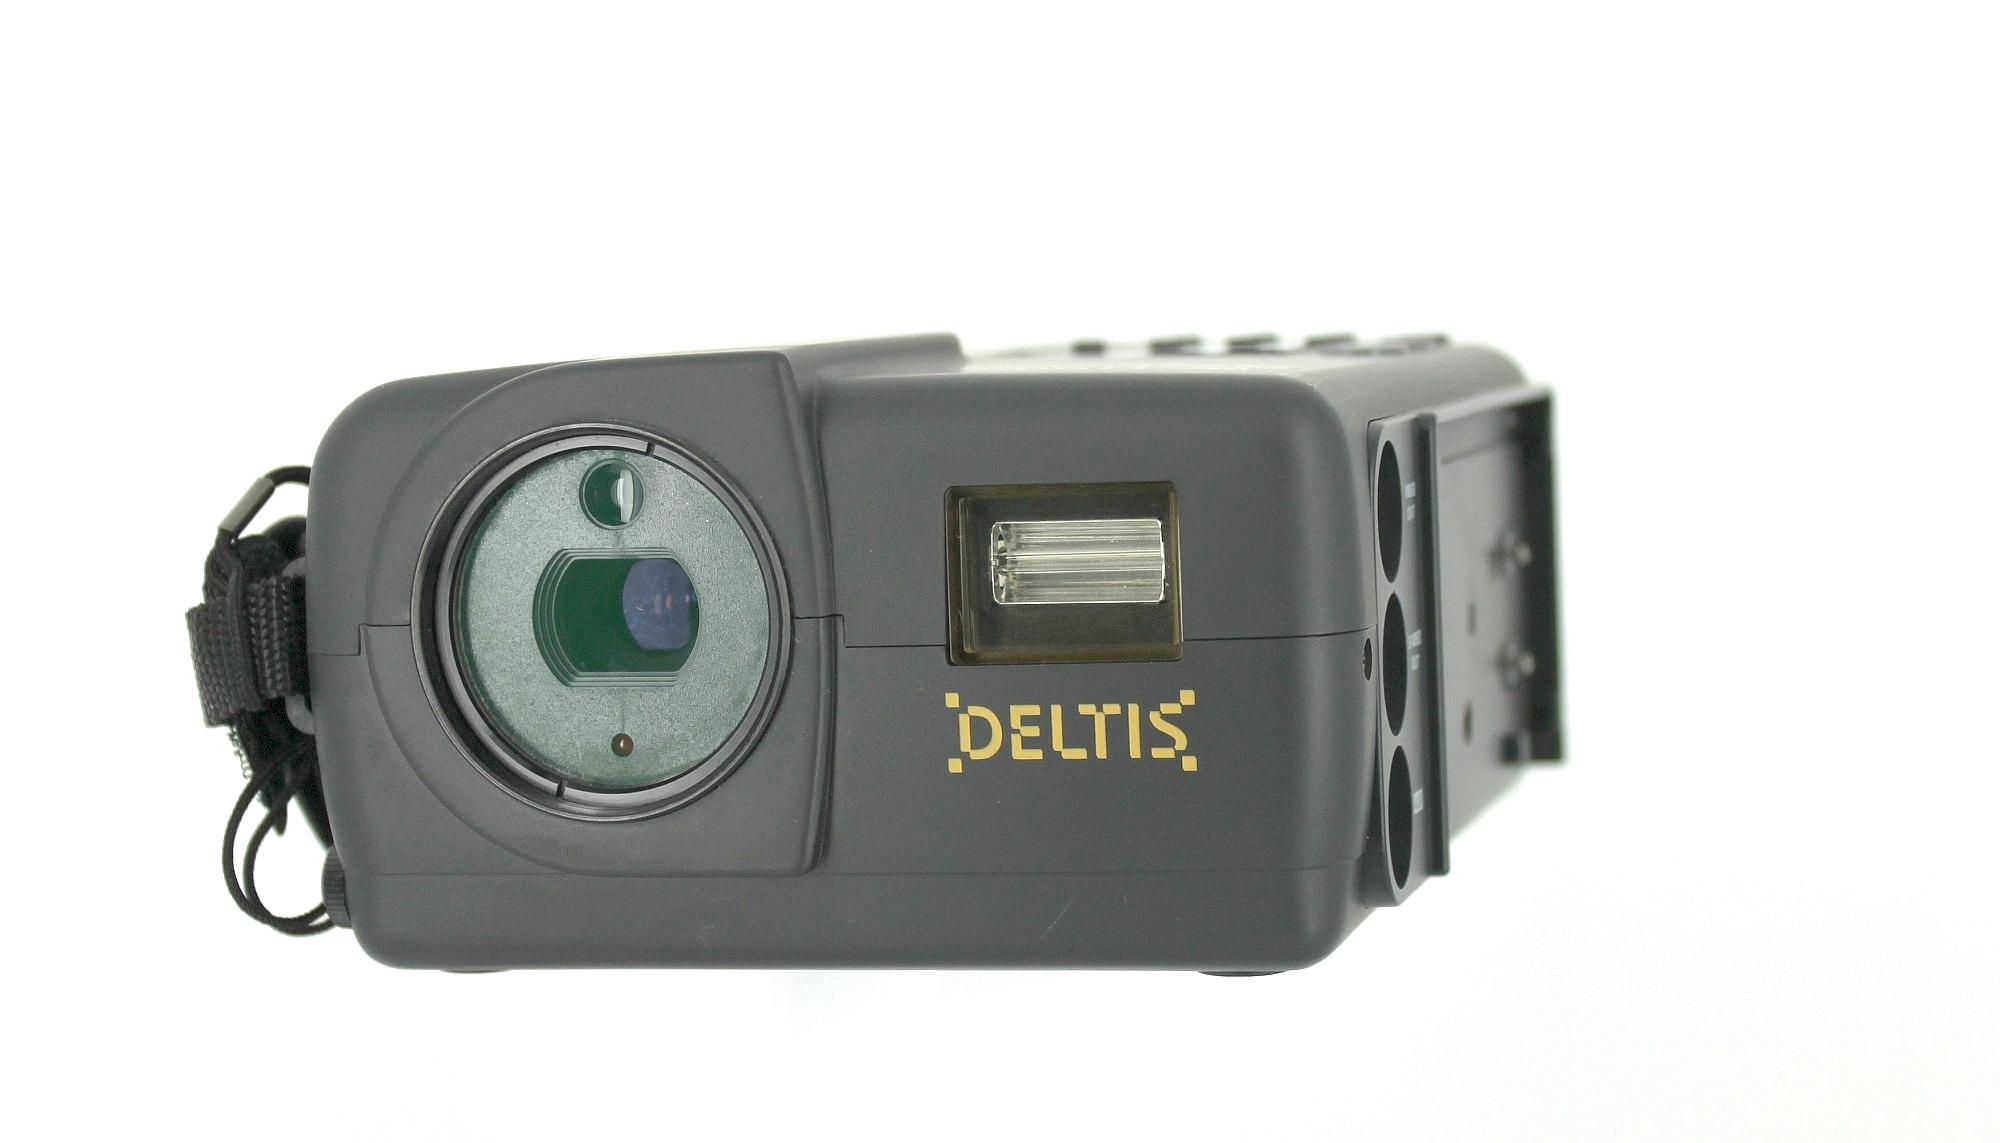 Olympus Deltis VC-1100 II (1995)